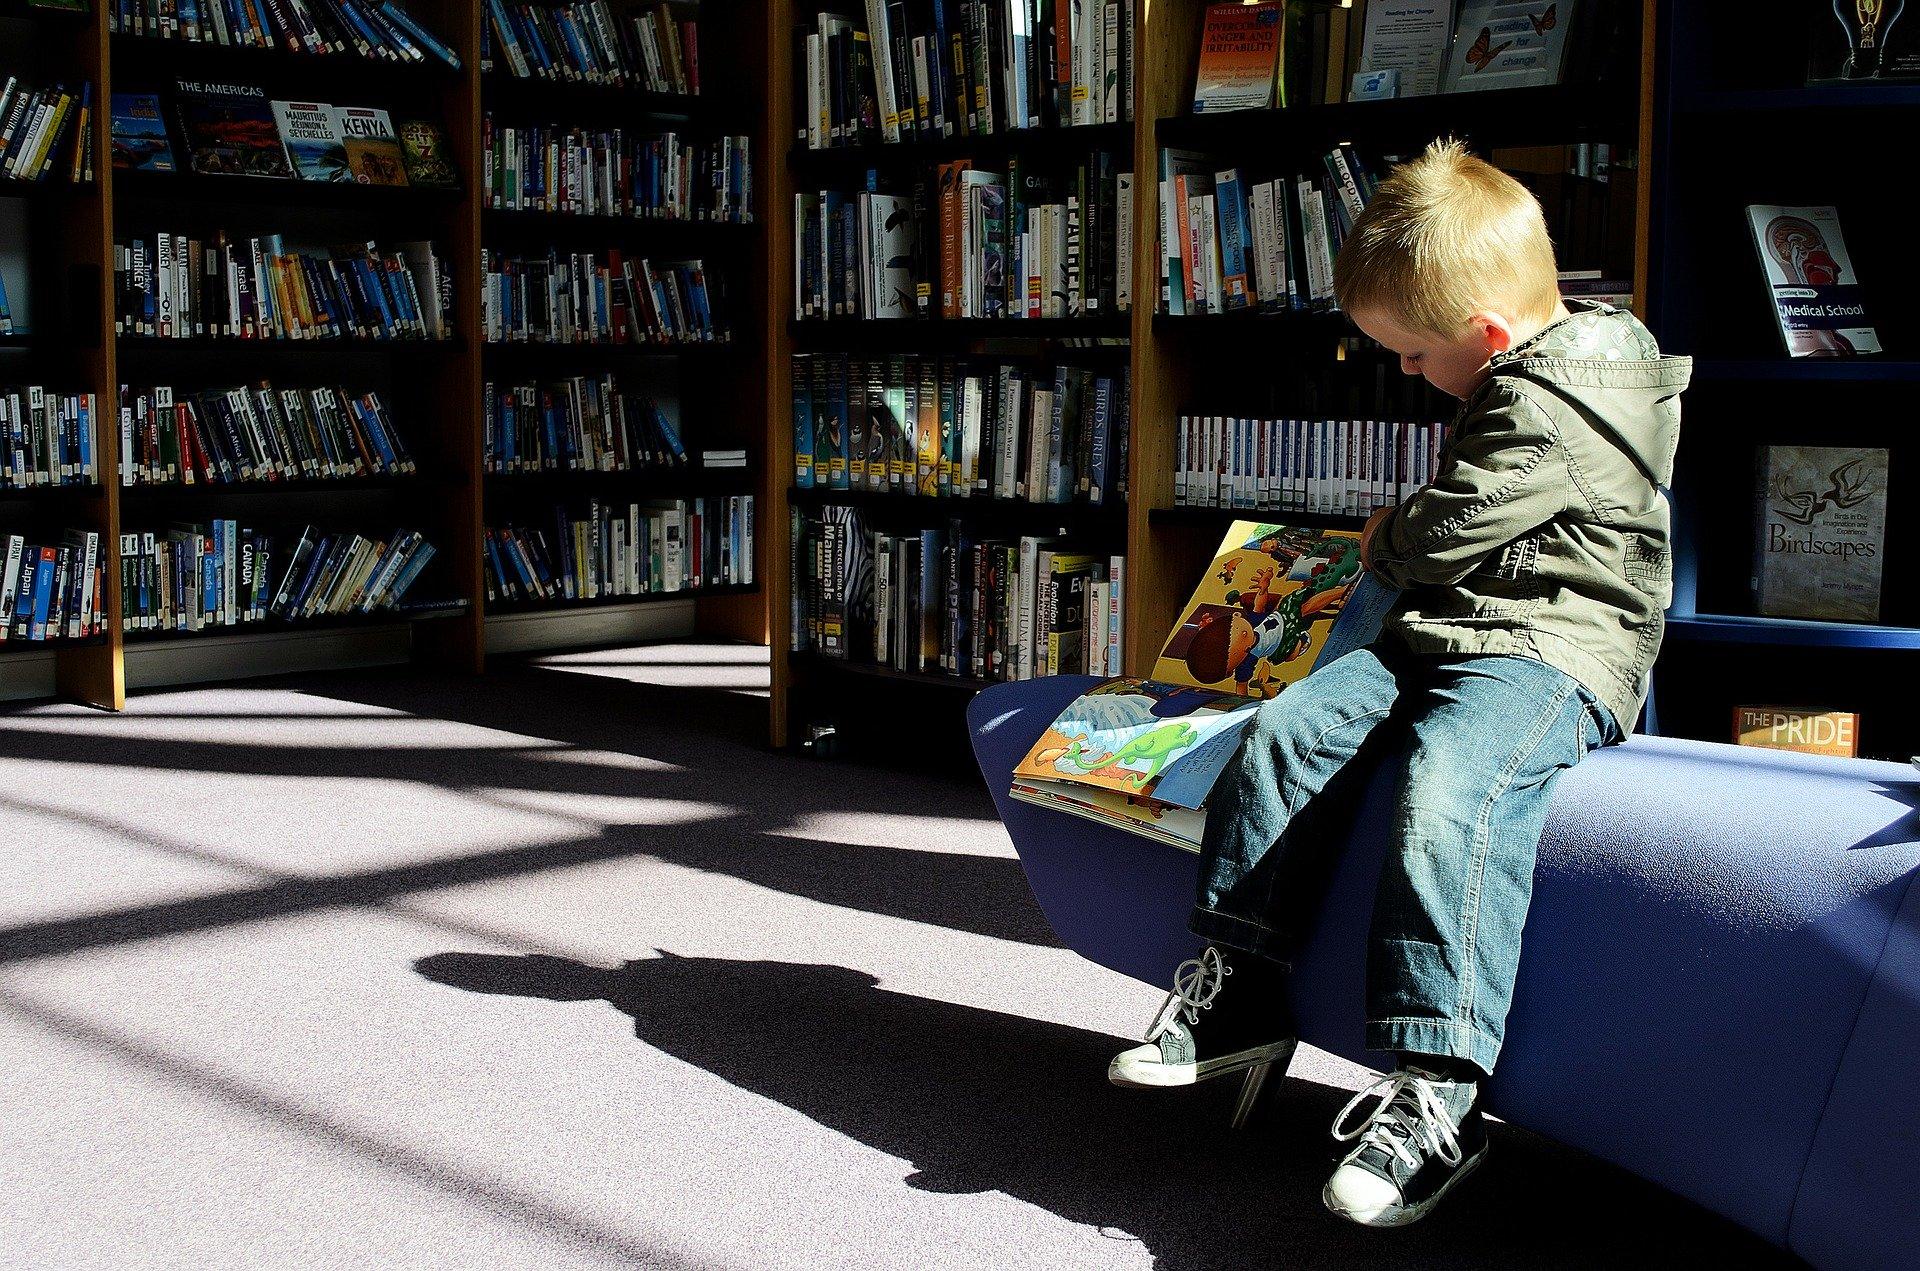 L'apport de la microkinésithérapie dans les troubles de l'apprentissage scolaire